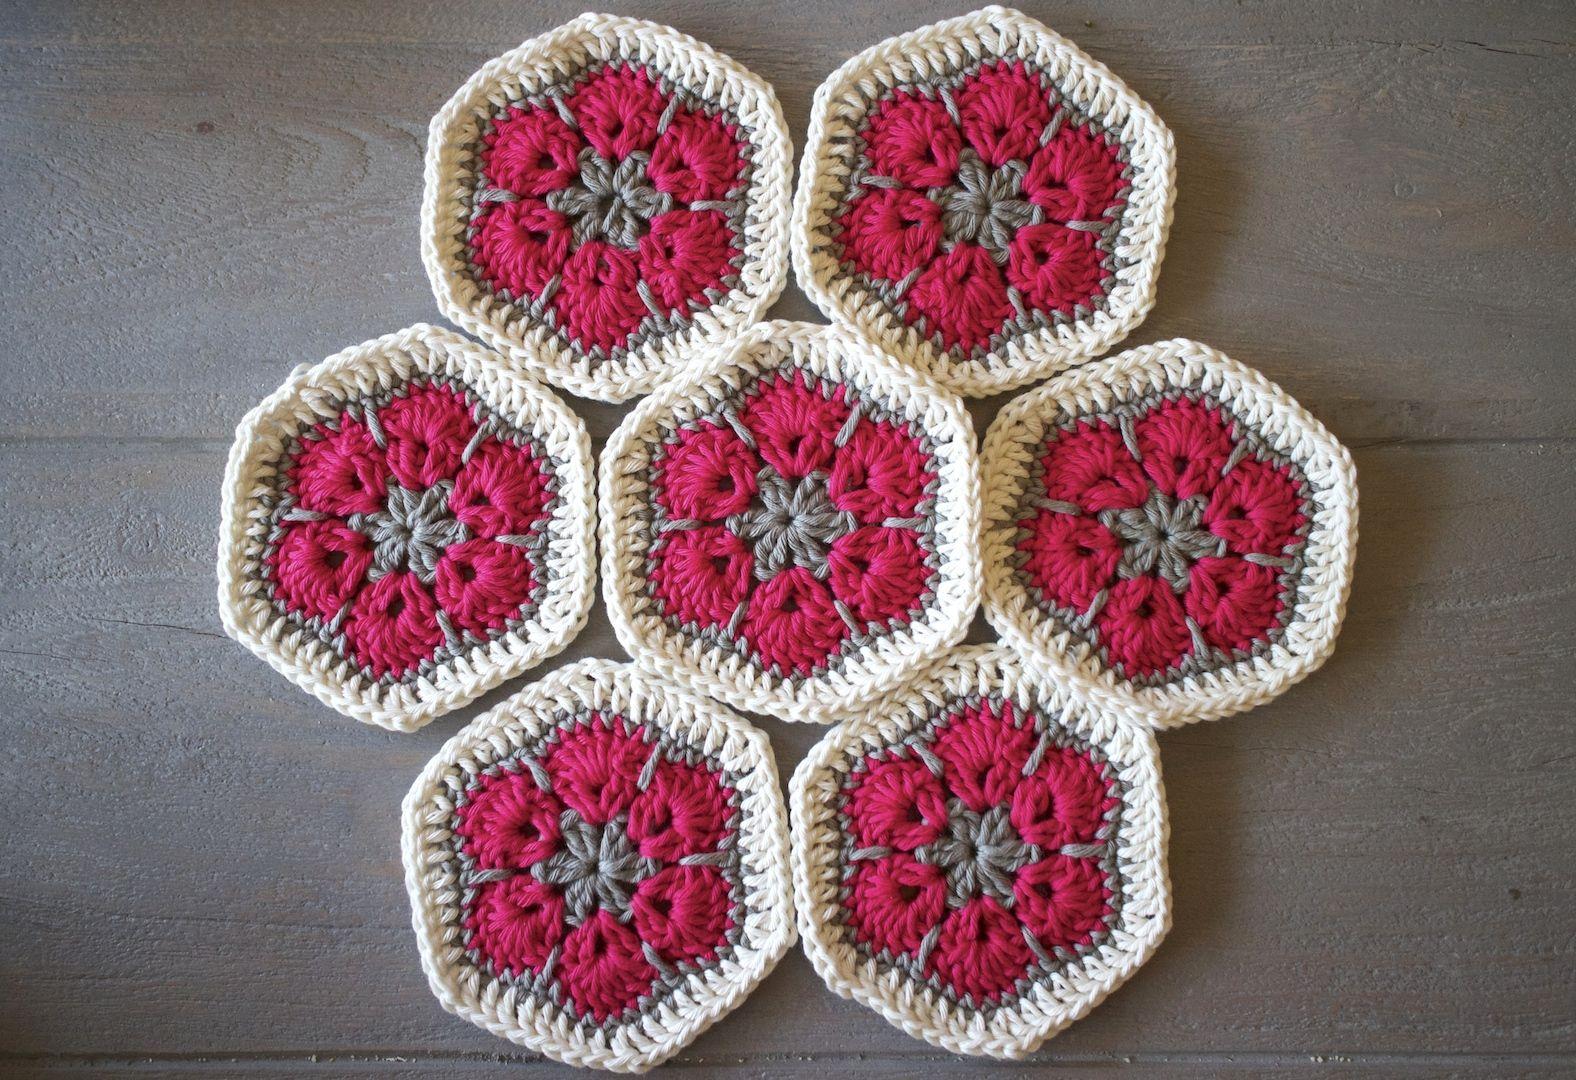 Afrikaanse Bloemen Haken African Flower Crochet Dimfies